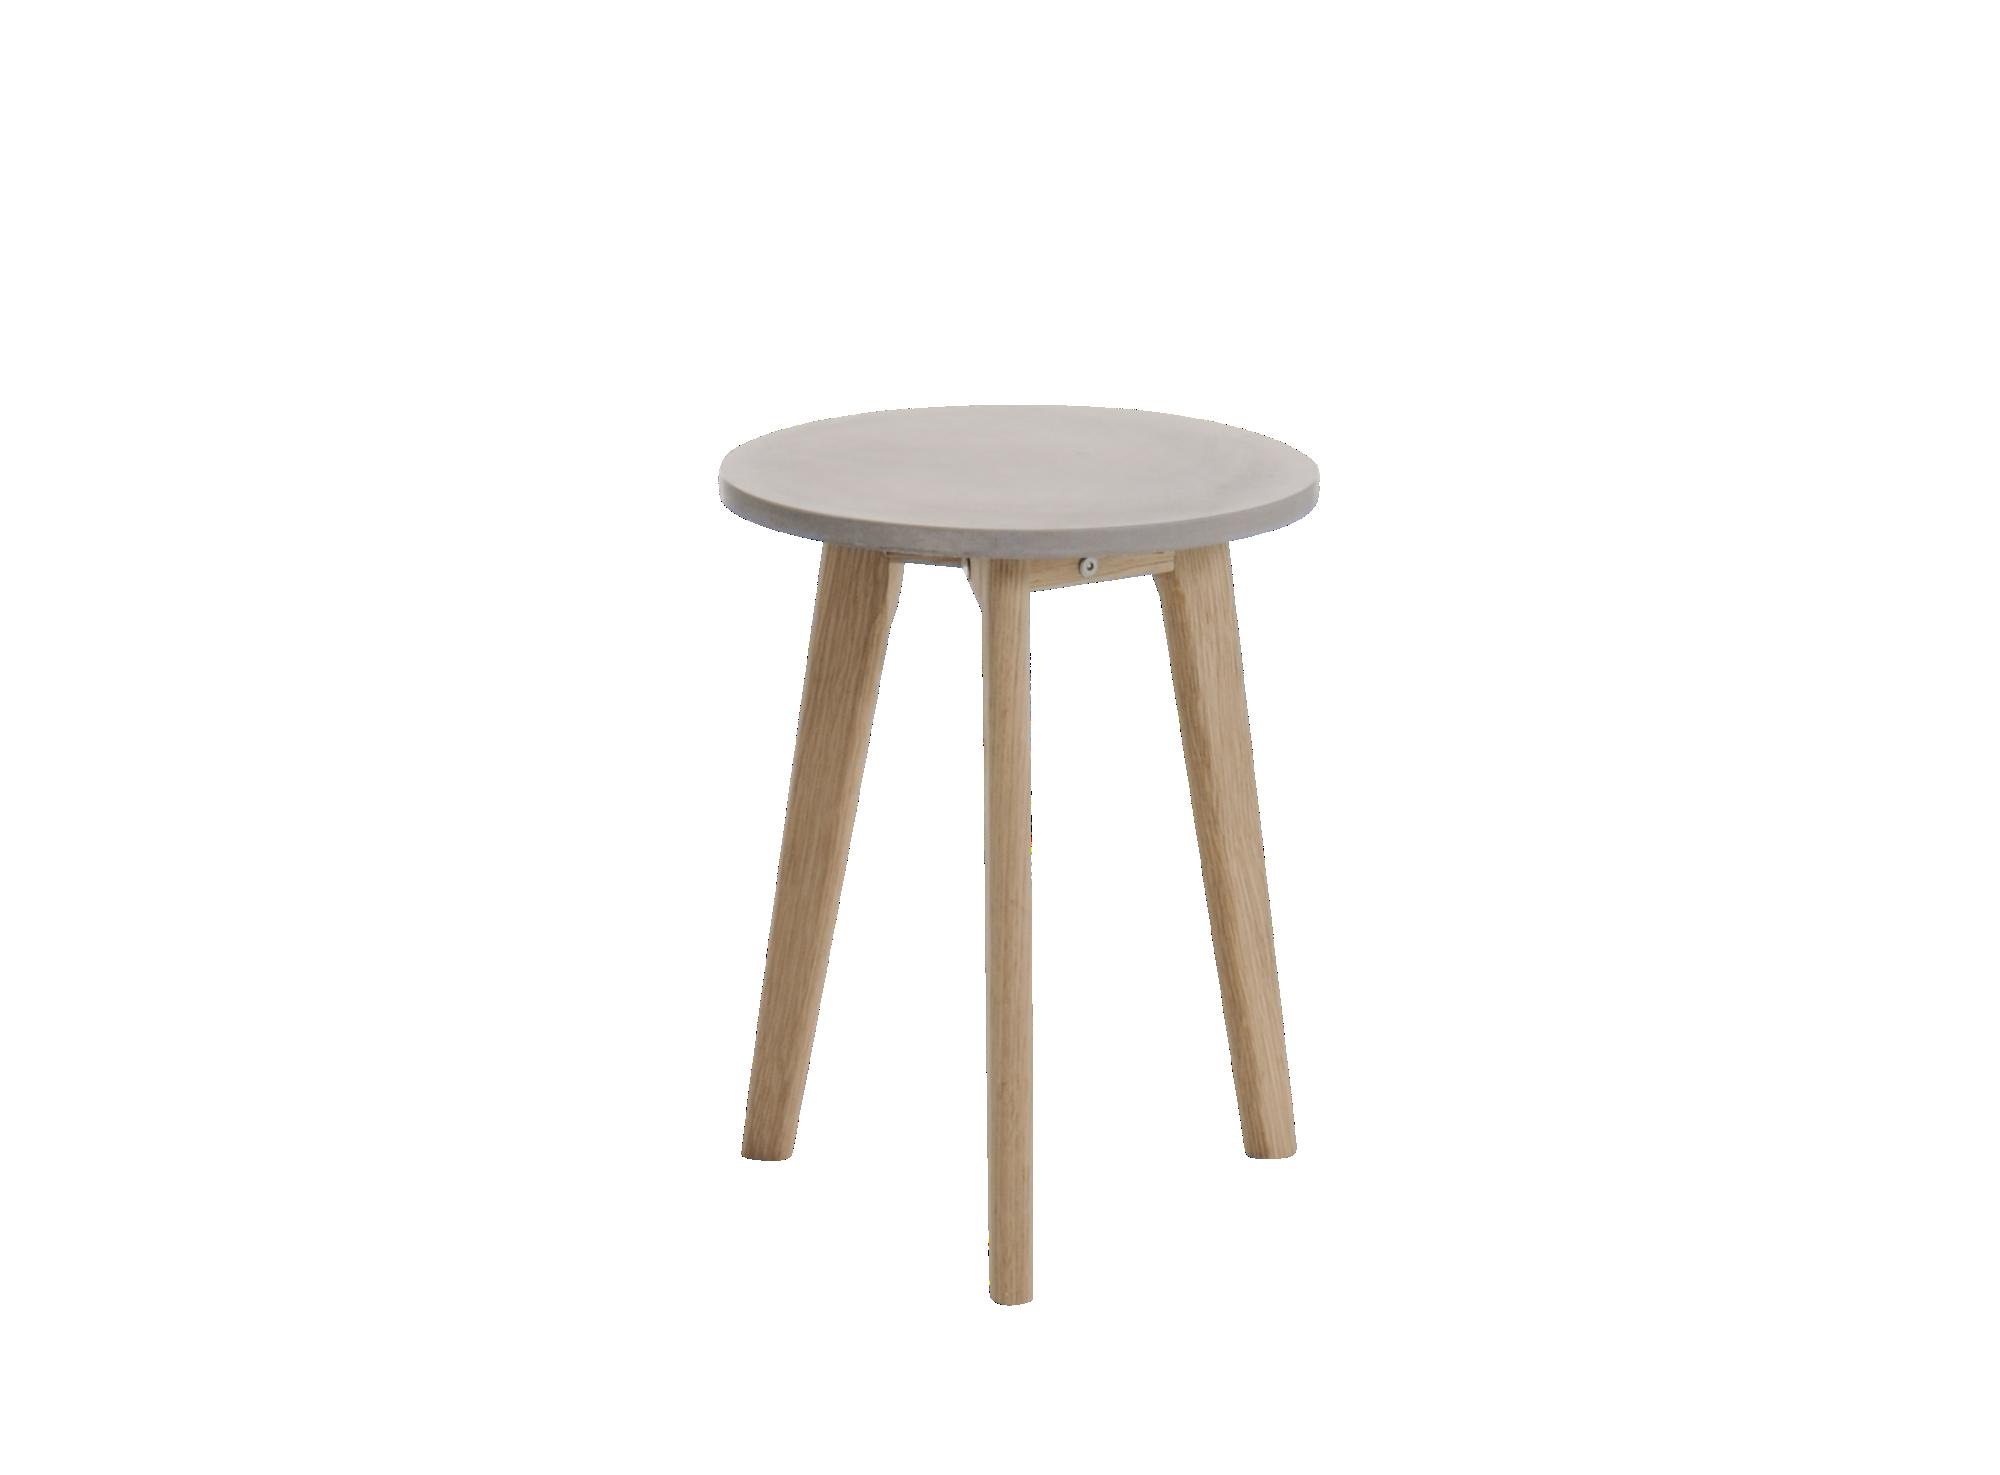 Table chene et beton structure et pietement en chene finition vernis ...